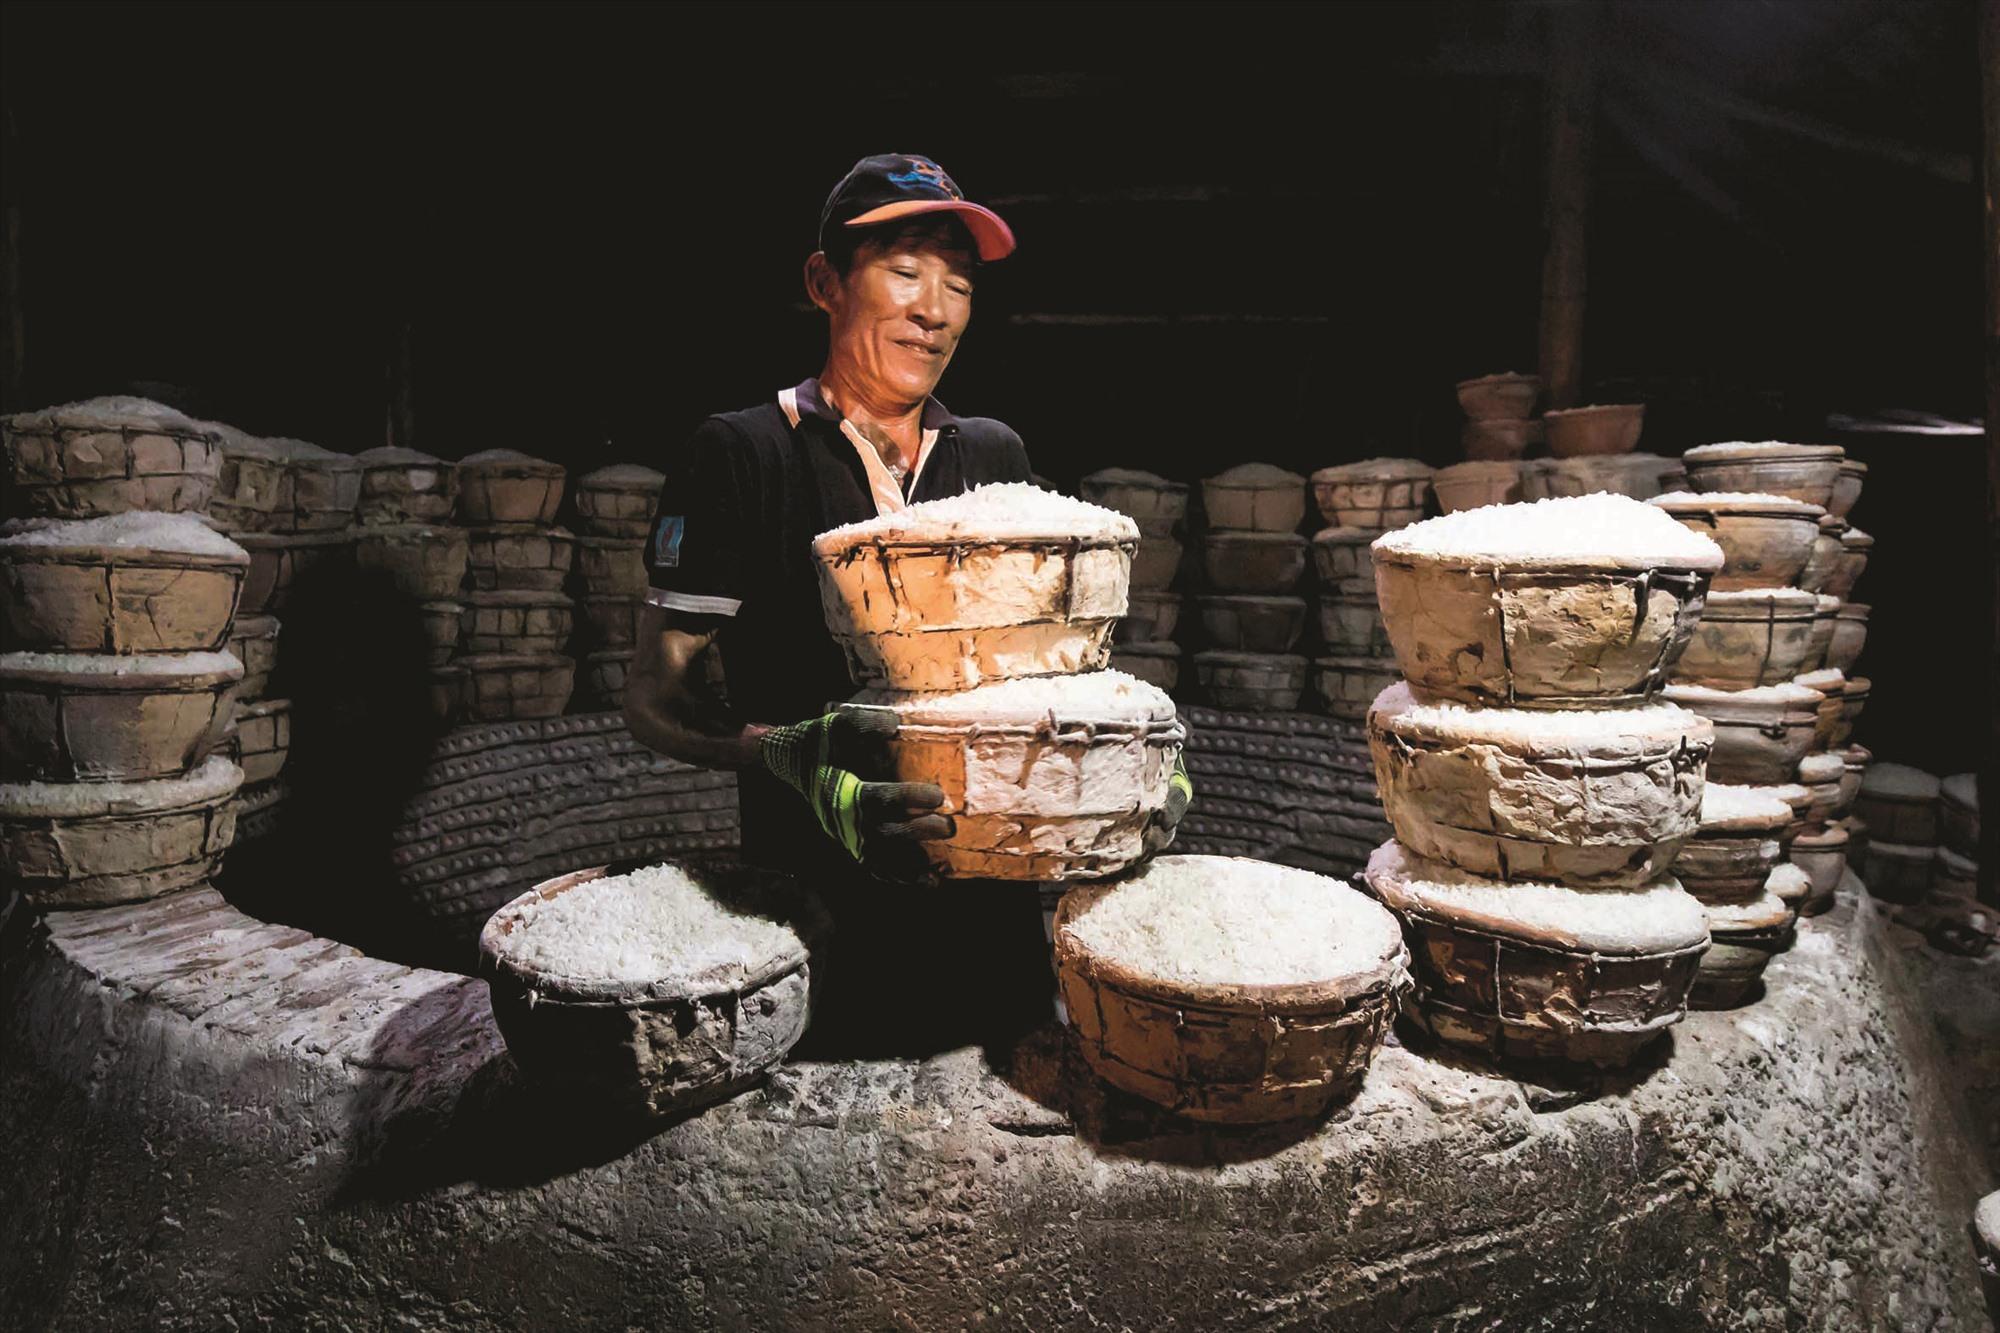 Nửa đêm, thợ hầm muối bắt đầu xếp những chậu đất đựng muối sống vào hầm lò.